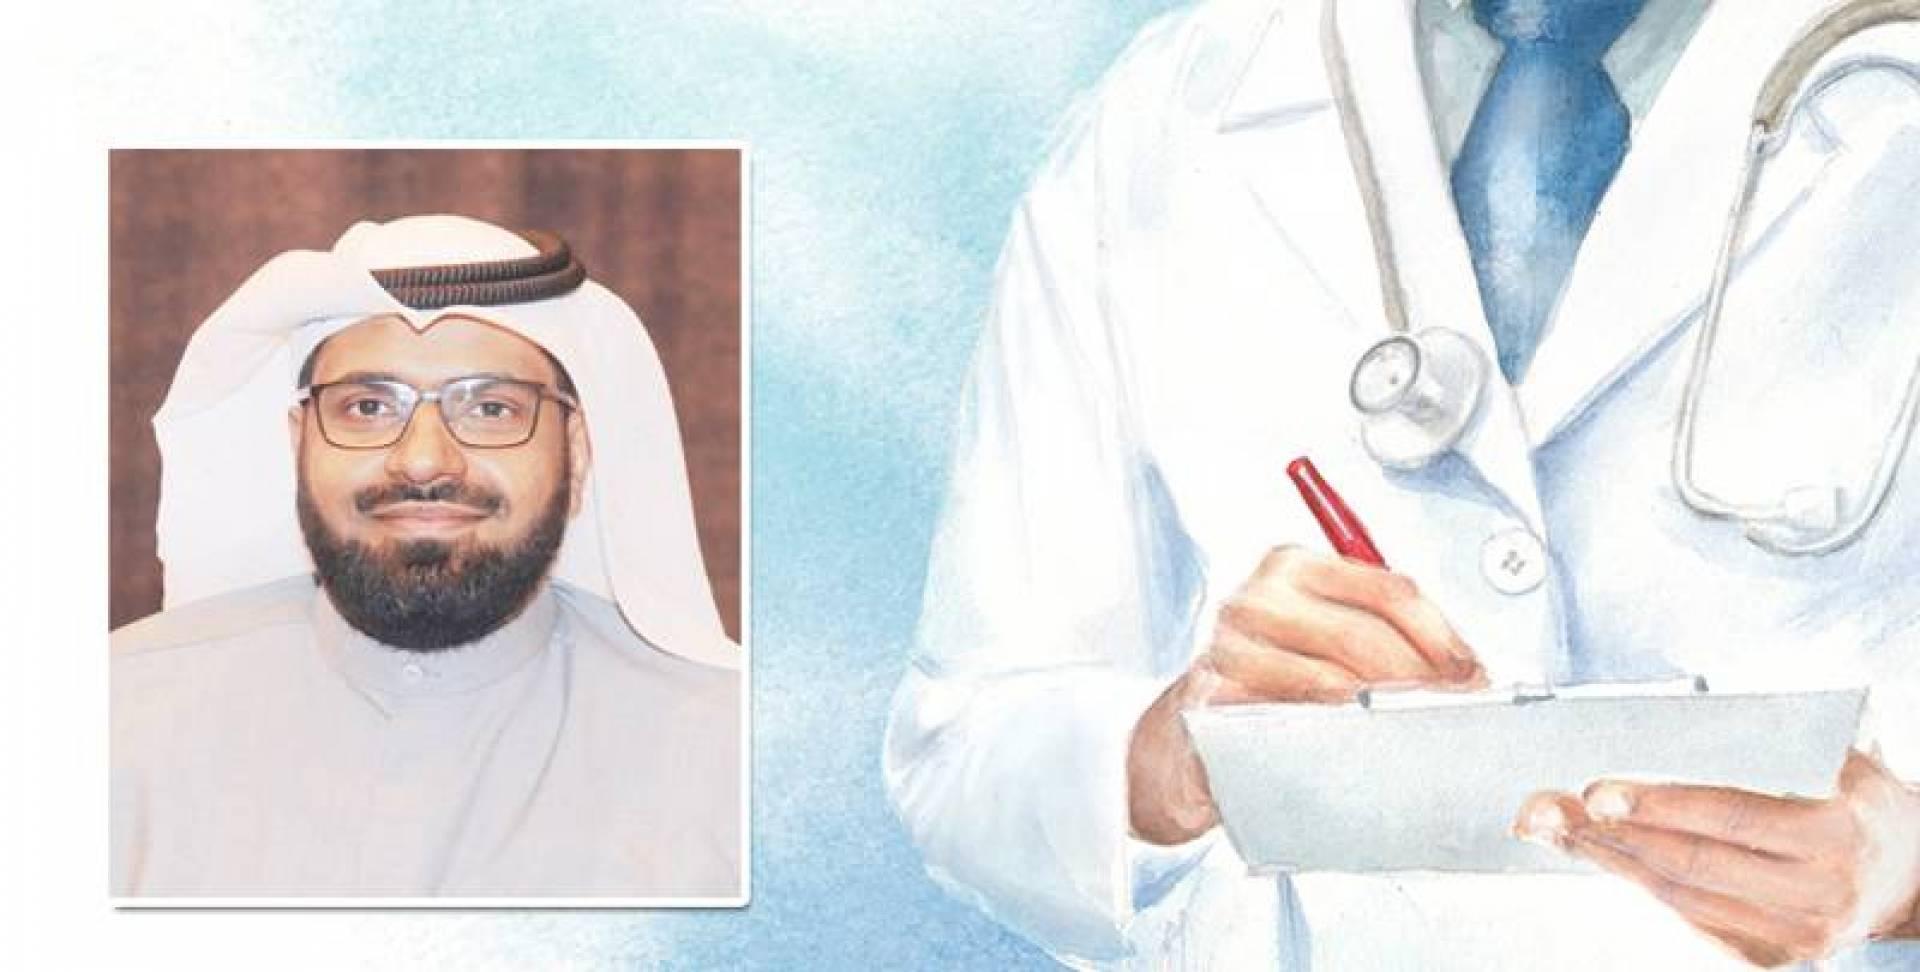 بوعركي: شبهة دستورية في الربط الآلي للمرضيات